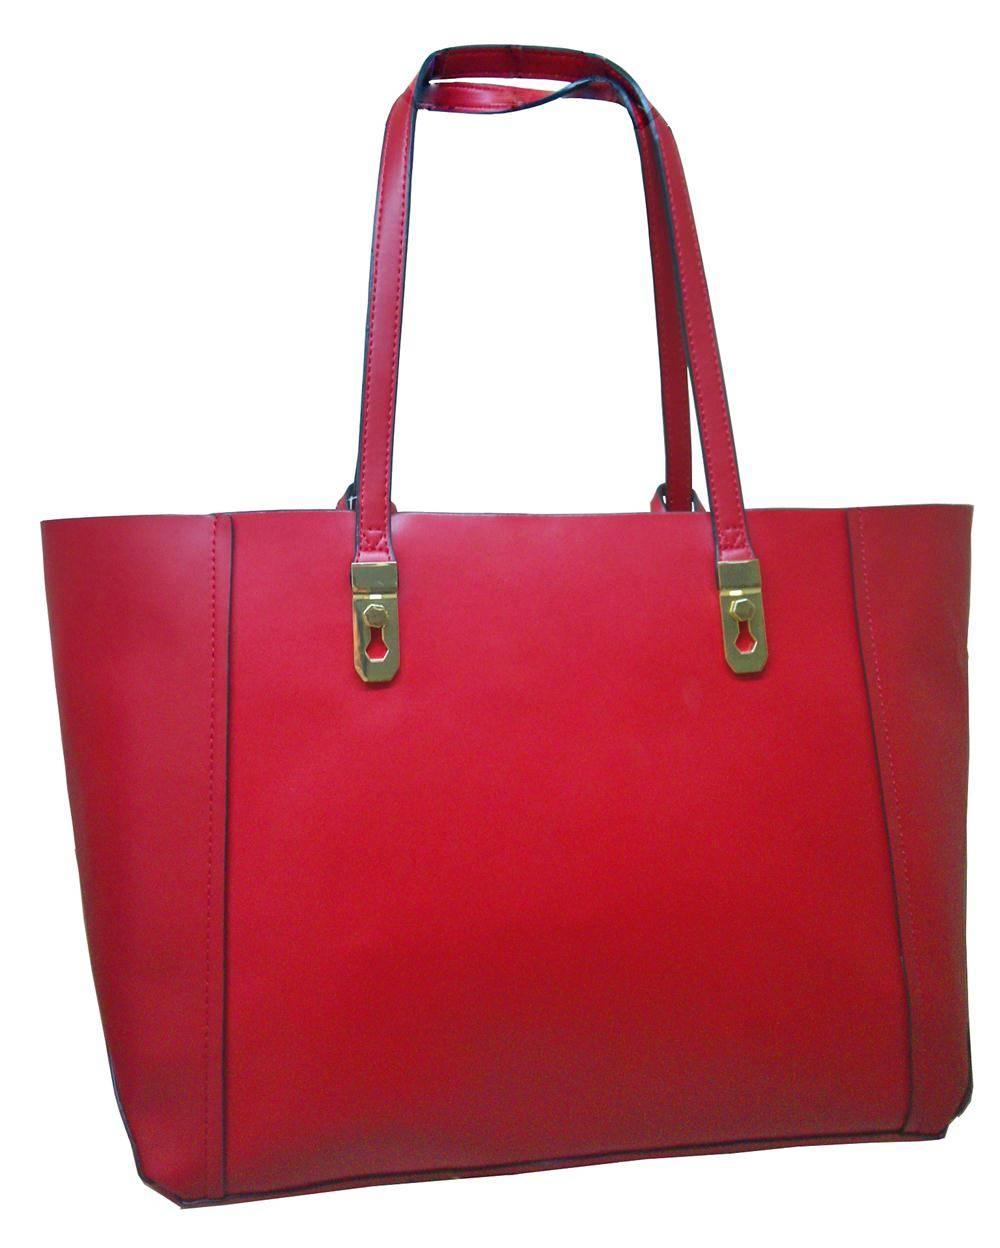 handbags-structured shopper BQ16076